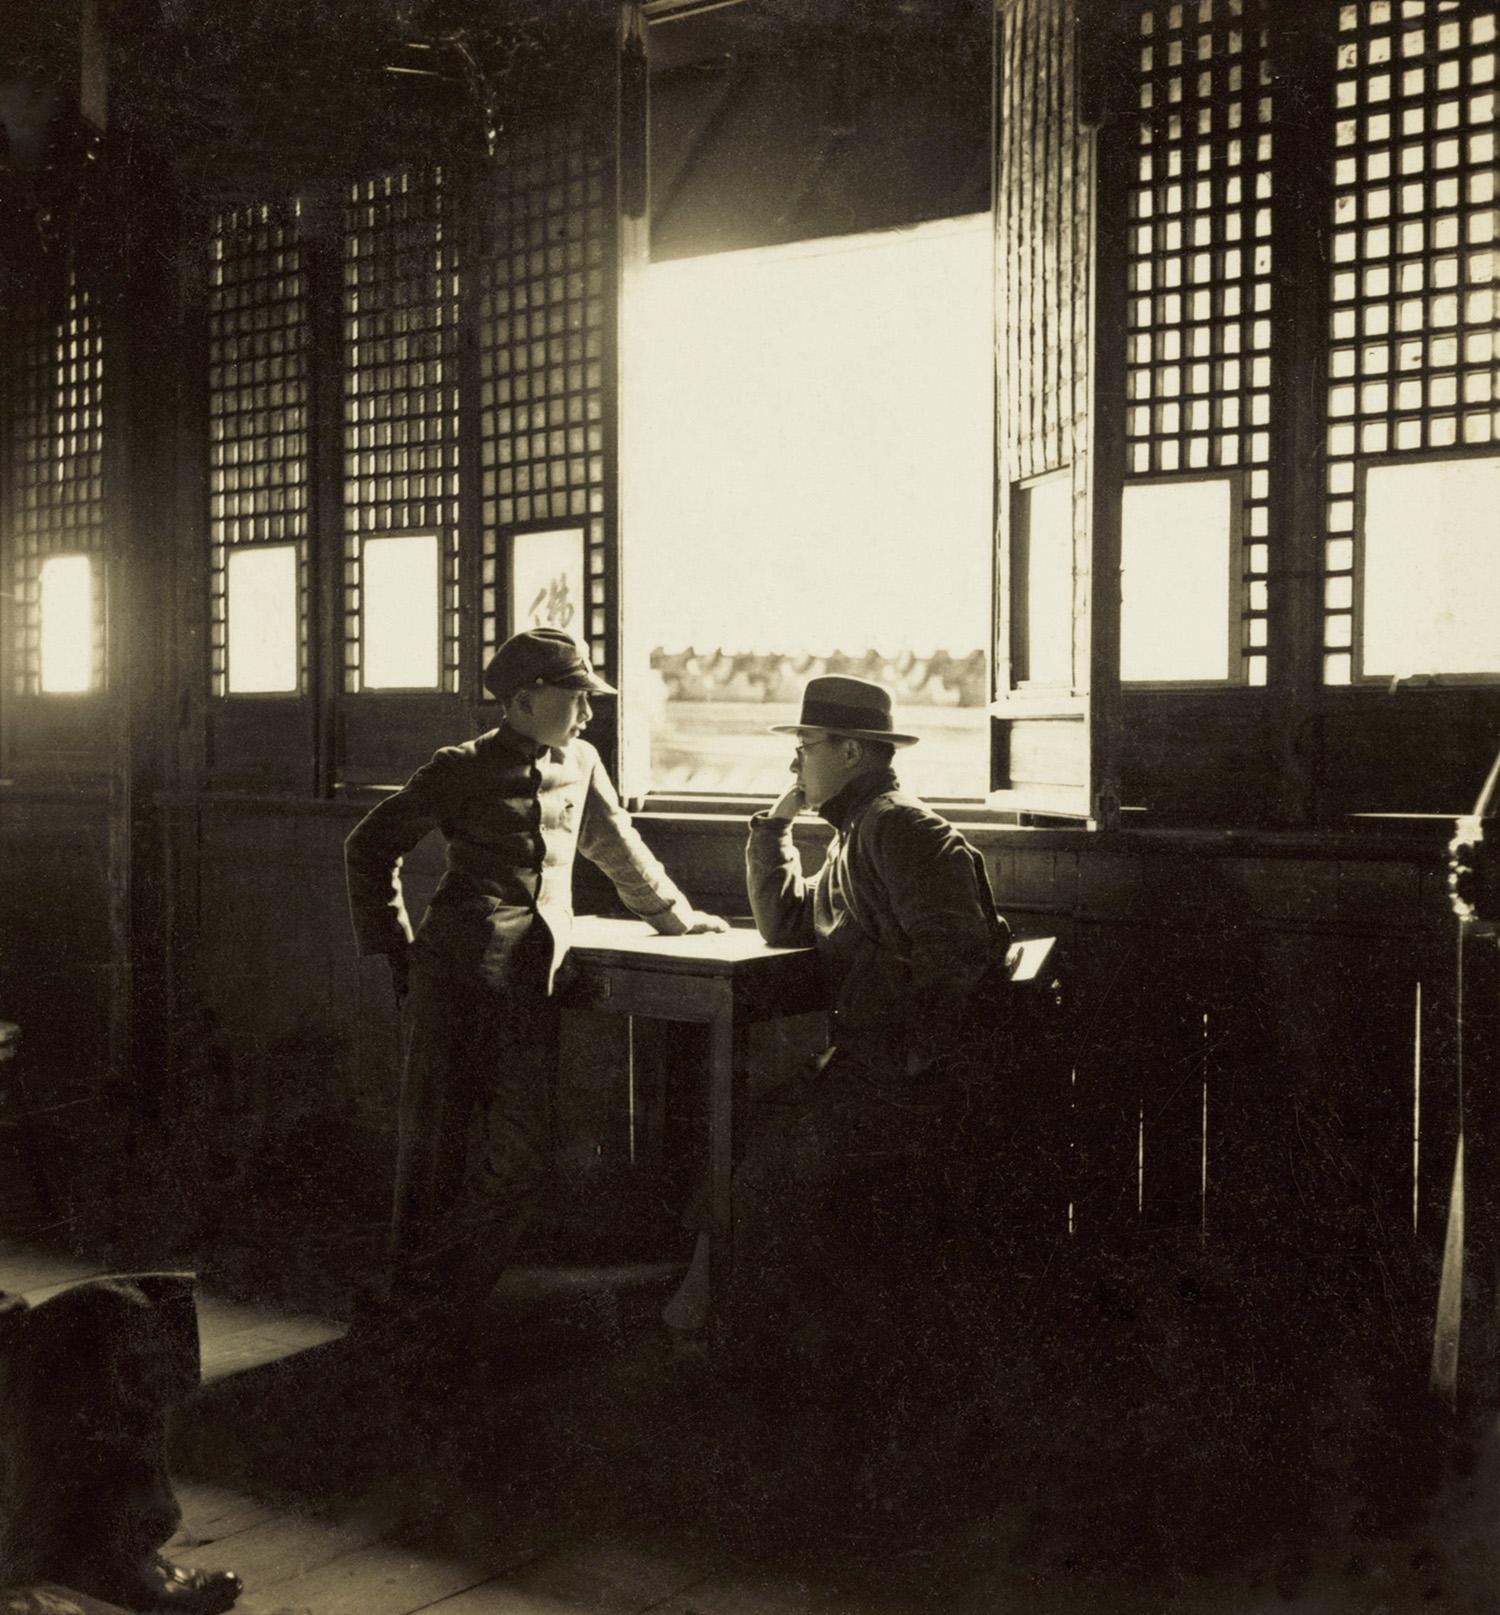 扬州大明寺, Daming Temple in Yangzhou, 1935 / Courtesy of Jin Hua